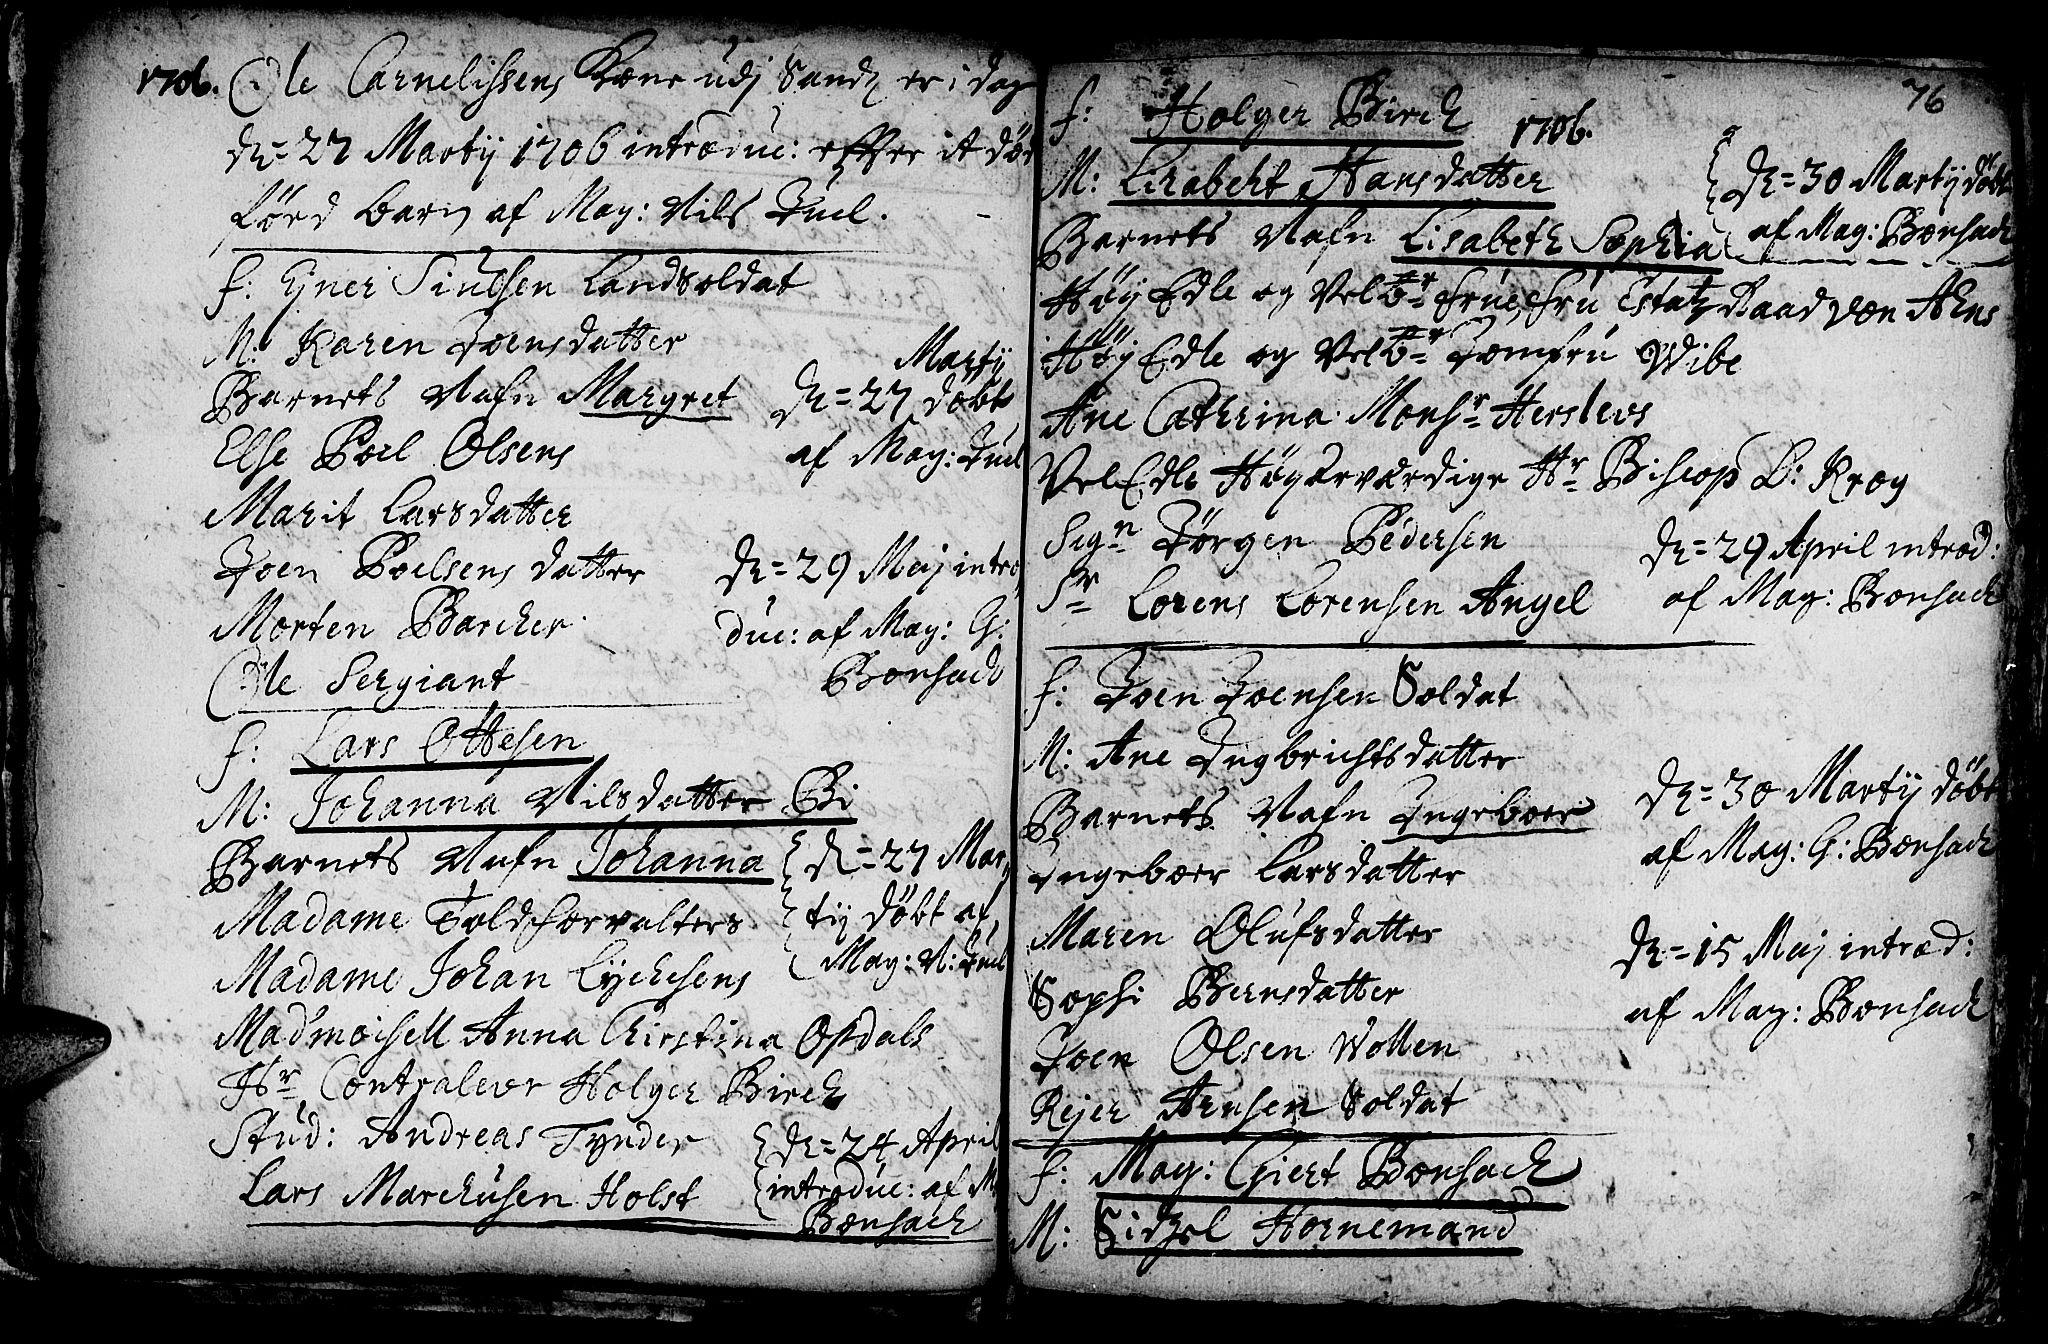 SAT, Ministerialprotokoller, klokkerbøker og fødselsregistre - Sør-Trøndelag, 601/L0034: Ministerialbok nr. 601A02, 1702-1714, s. 76